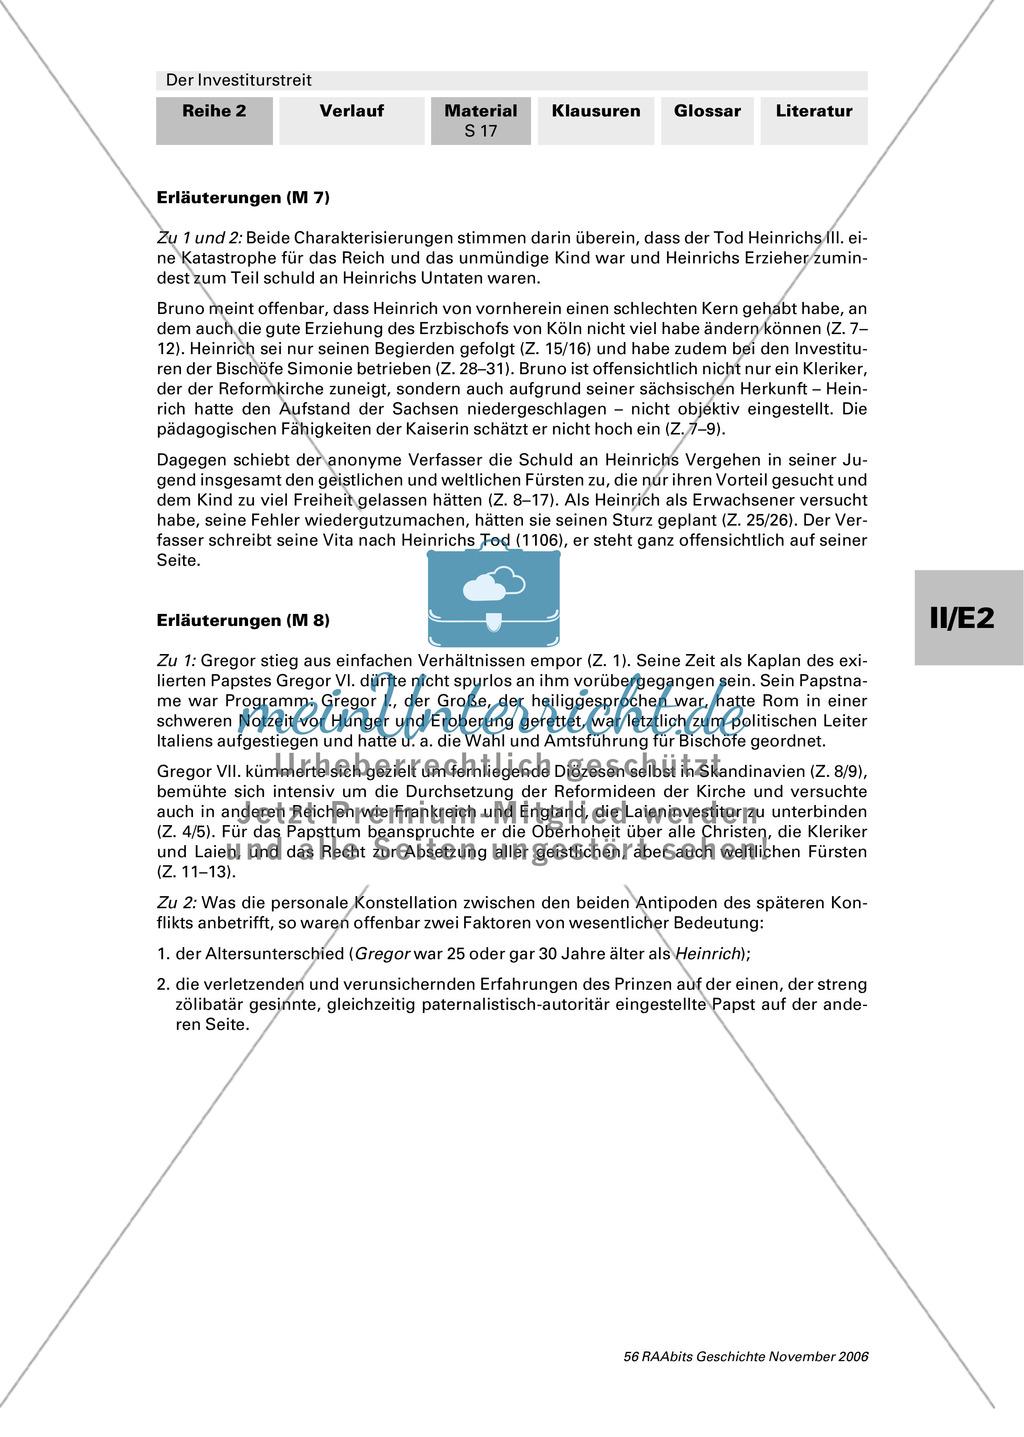 Der Investiturstreit: Der Konflikt zwischen Gregor VII. und Heinrich IV. - personengeschichtliche Hintergründe Preview 4